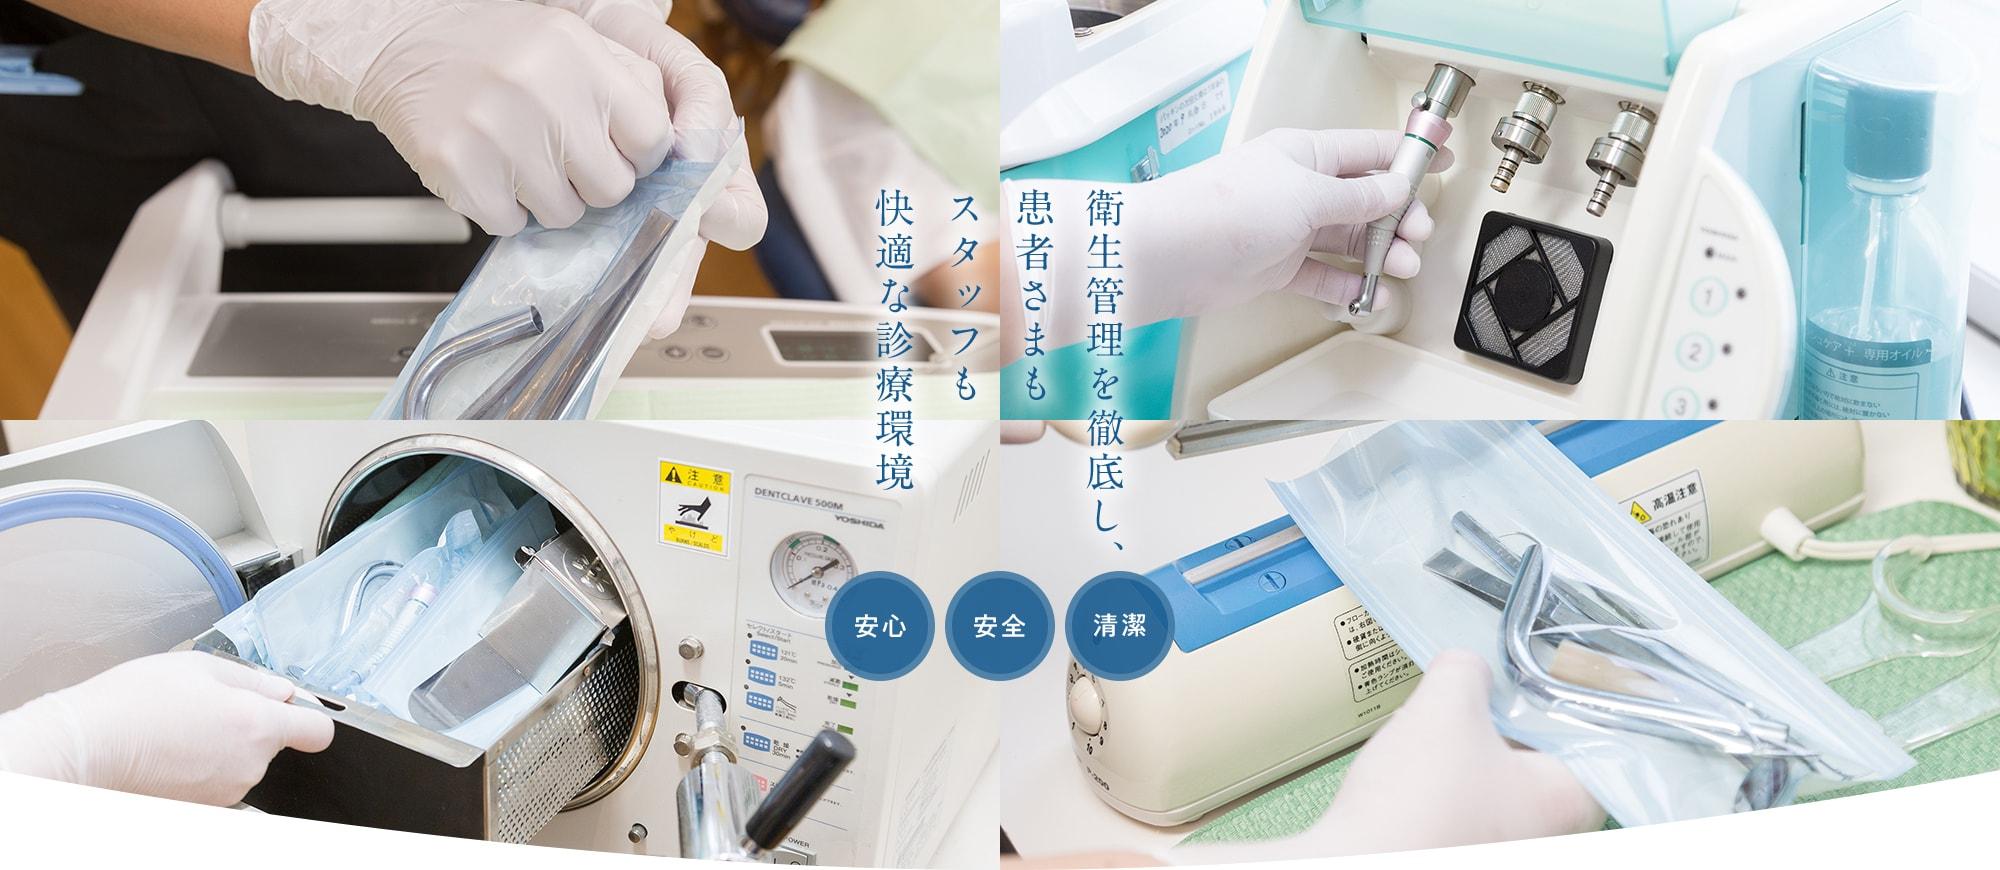 衛生管理を徹底し、患者さまもスタッフも快適な診療環境